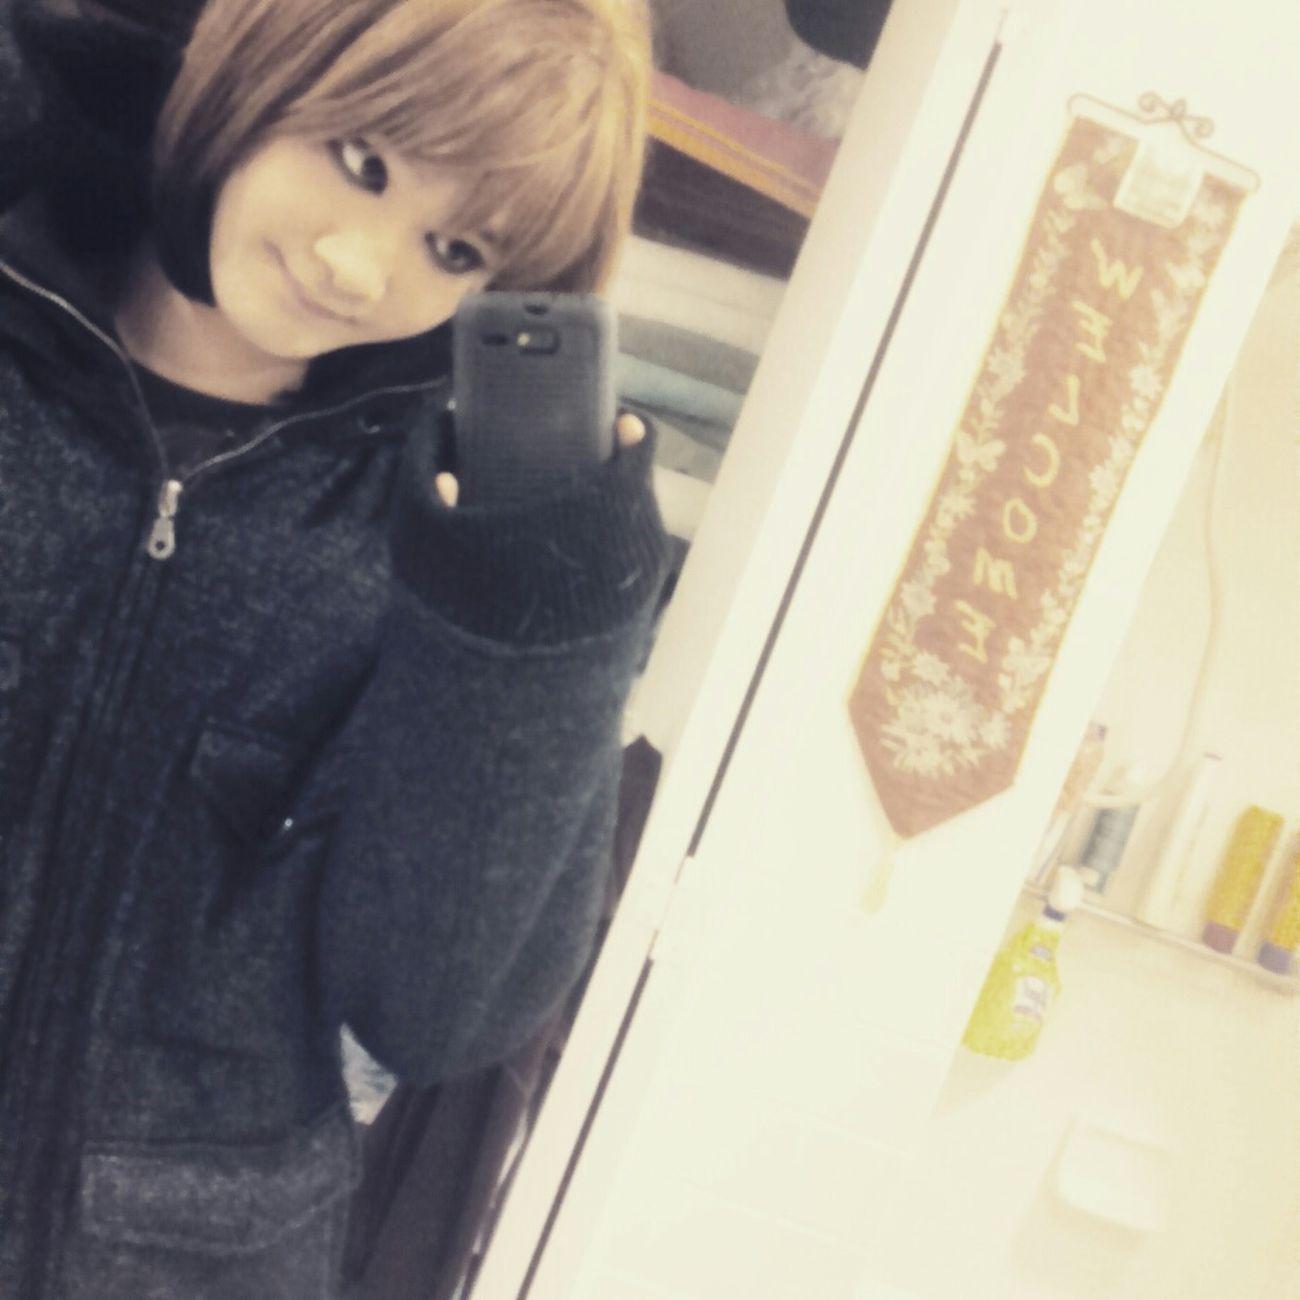 Tsundere KAWAII Otaku Yuuki Edison The Yuuki Yuukian Selfie Damesasen Bosozoku